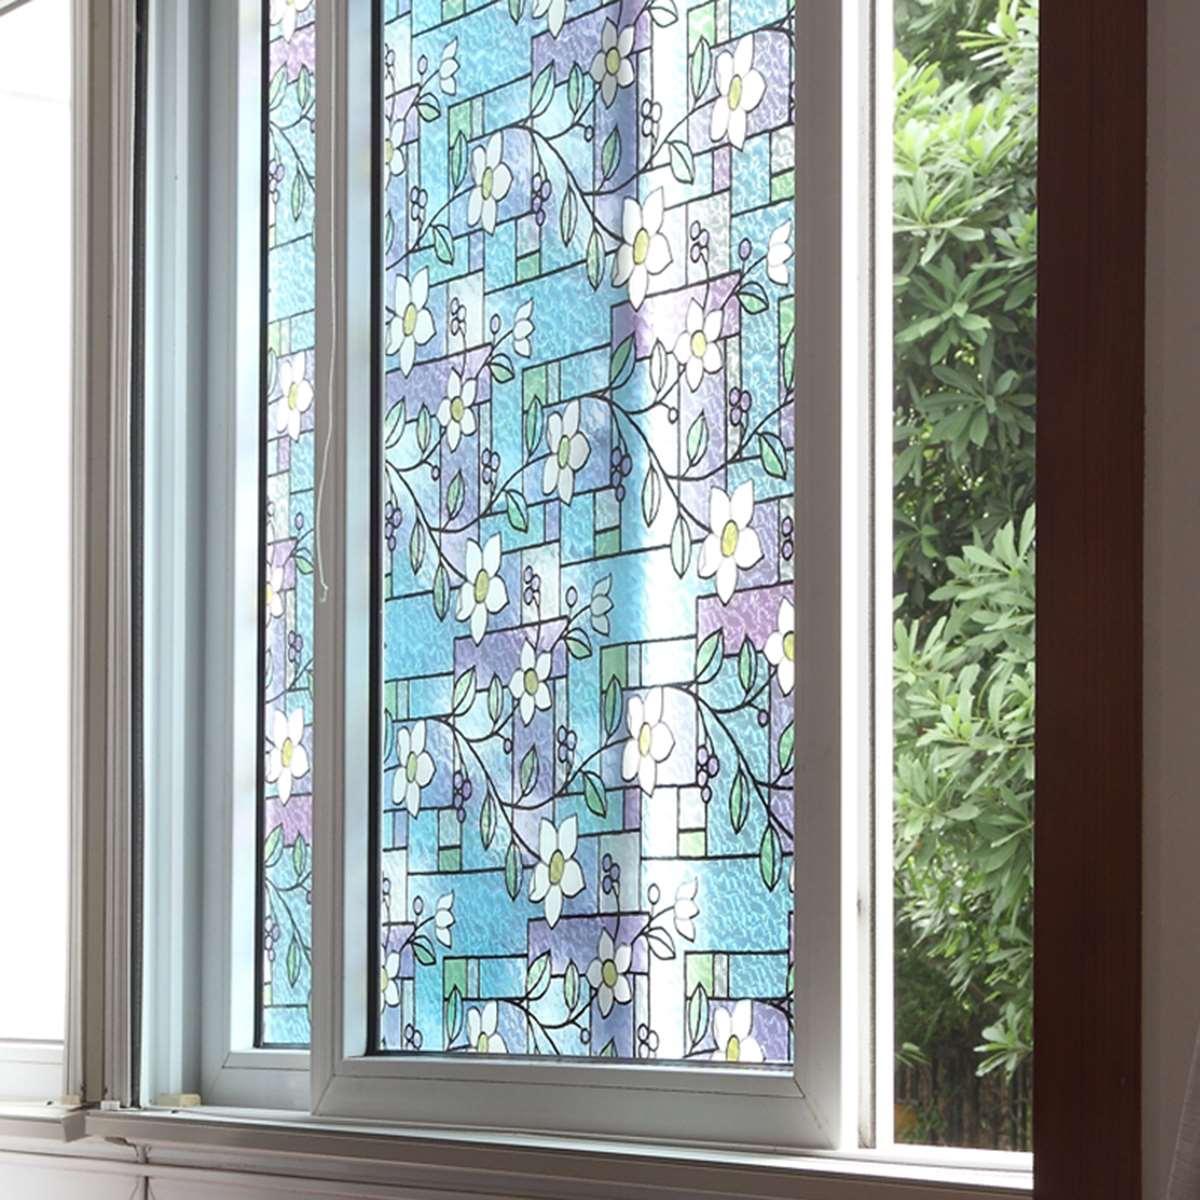 etiquetas en las ventanas de vidrio opaco flor d vidrieras pelcula colorida flor decorativa para sala bao puerta corredera